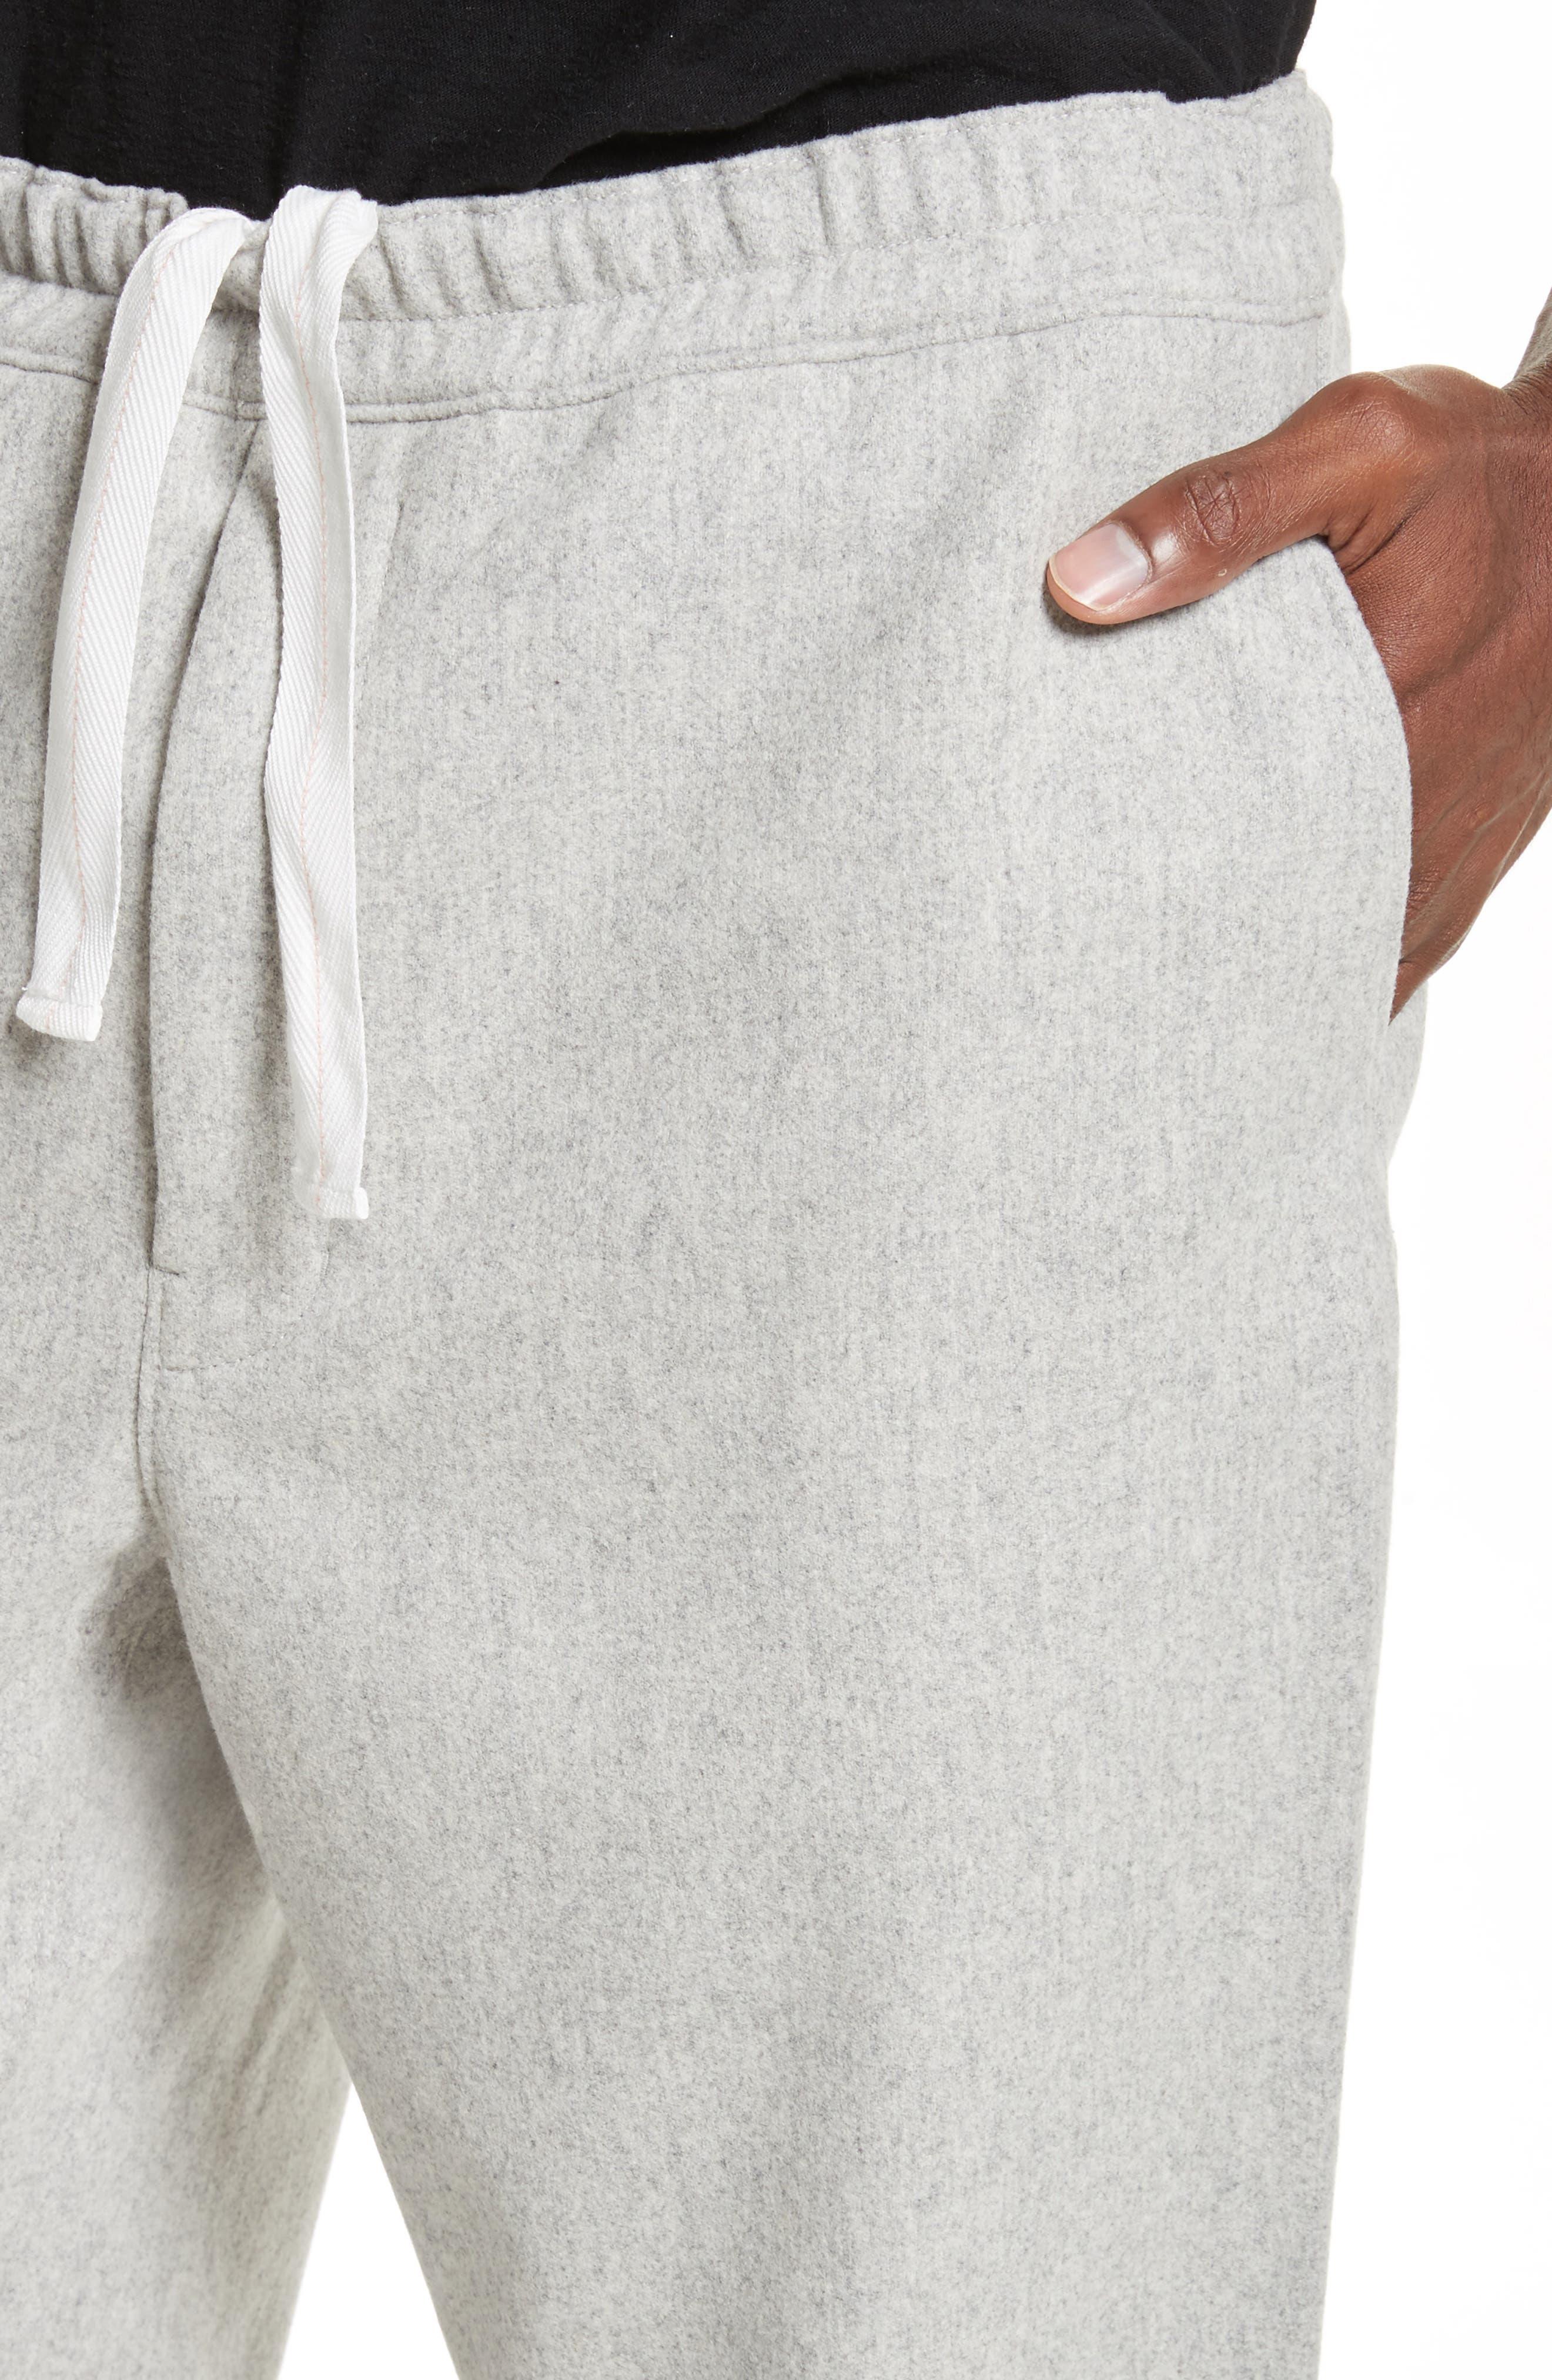 Mélange Wool Blend Trousers,                             Alternate thumbnail 5, color,                             020